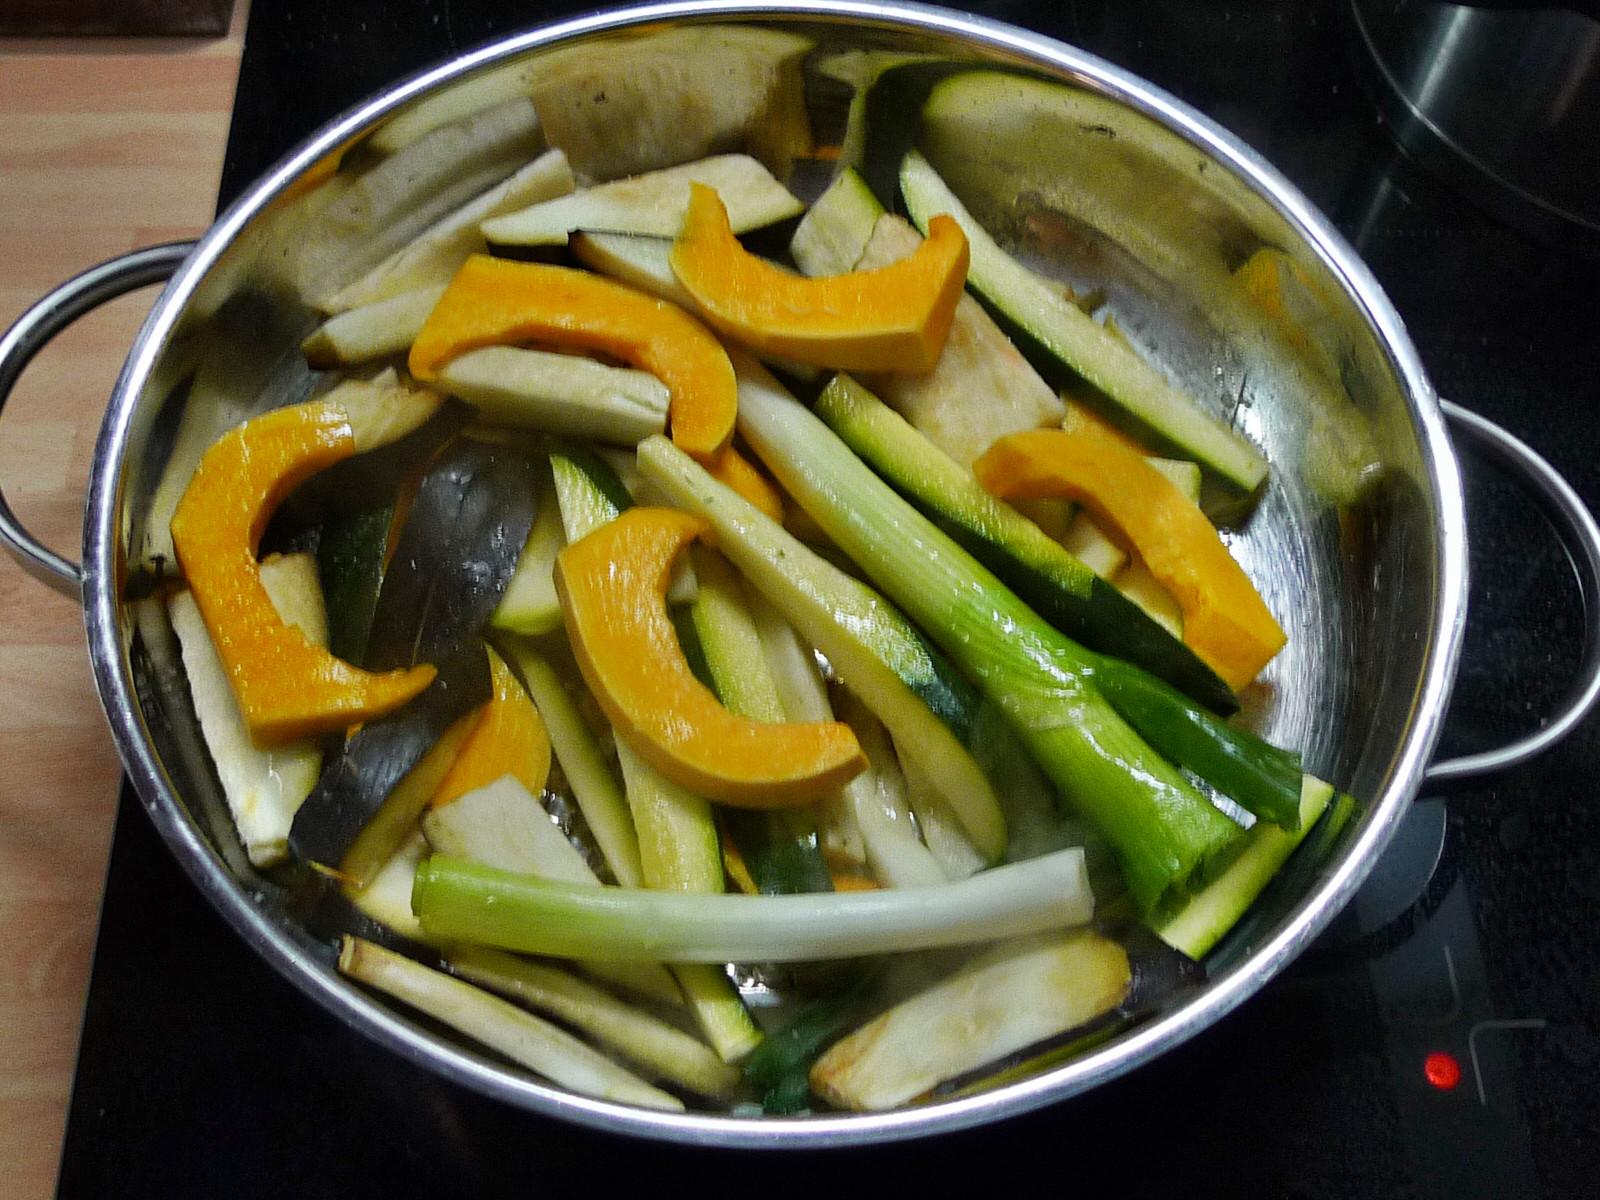 Nudeln mit Bärlauchpesto,Gemüse-4.12.14   (3)